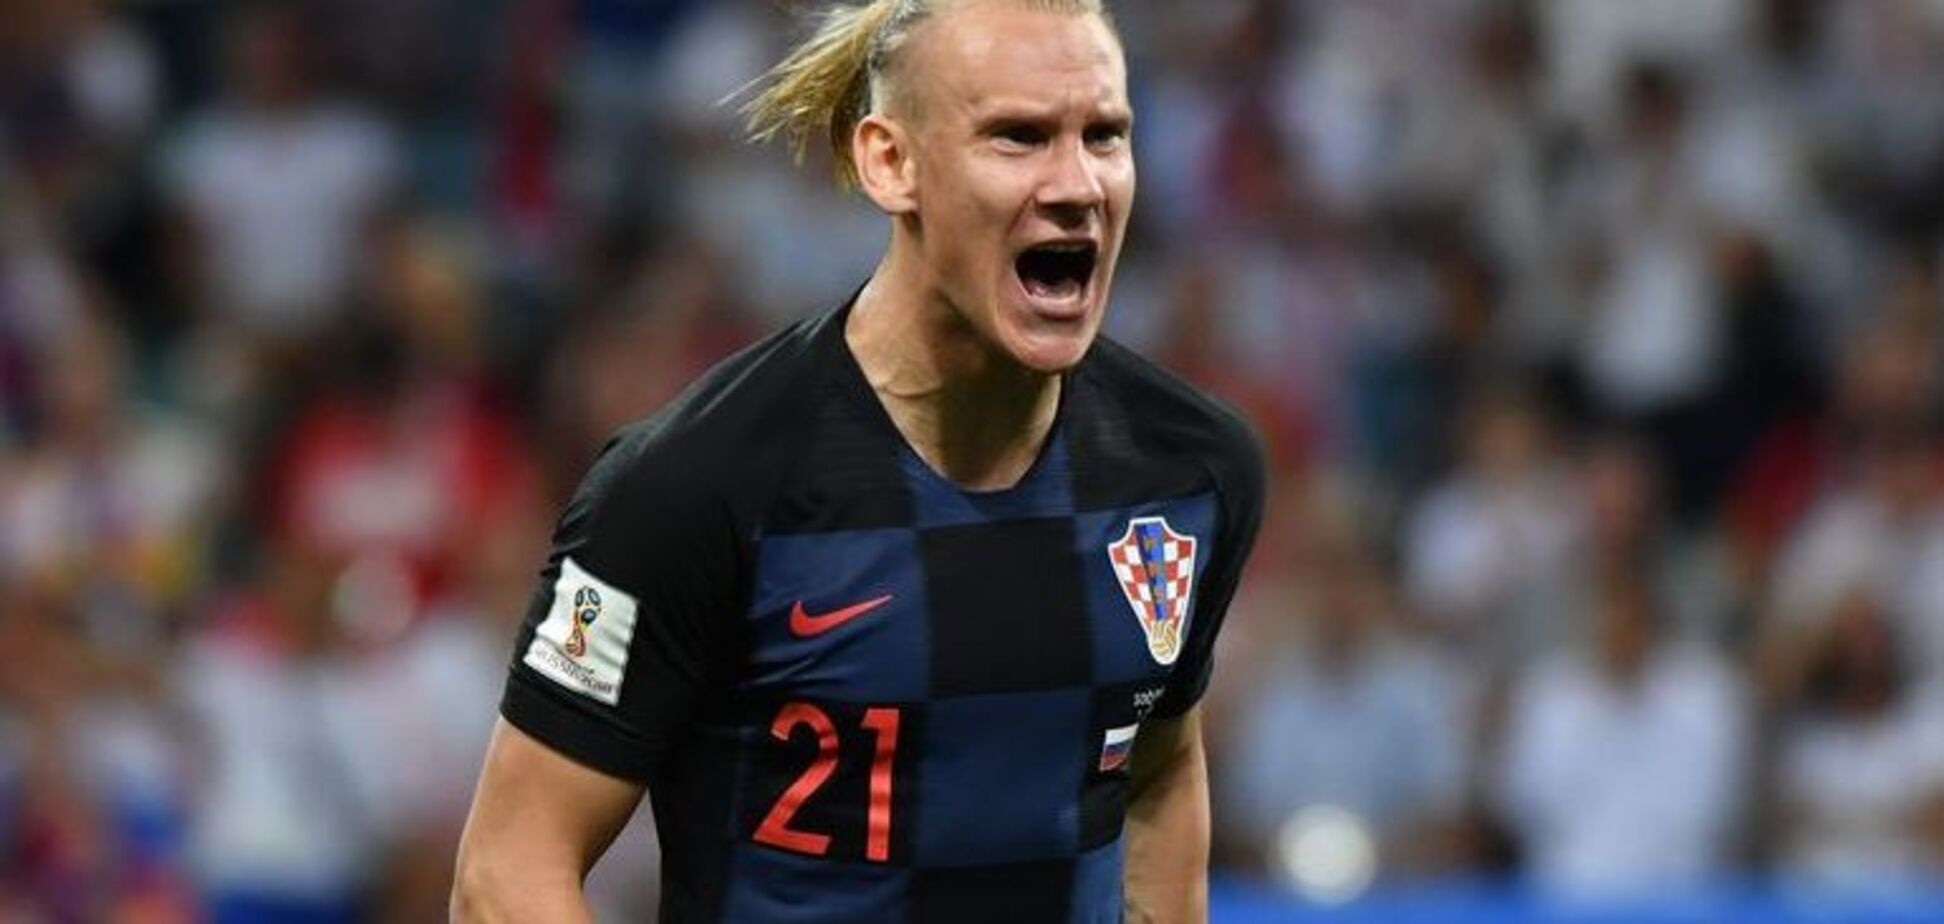 ФФУ вступилась перед ФИФА за Виду, посвятившего Украине победу над Россией на ЧМ-2018